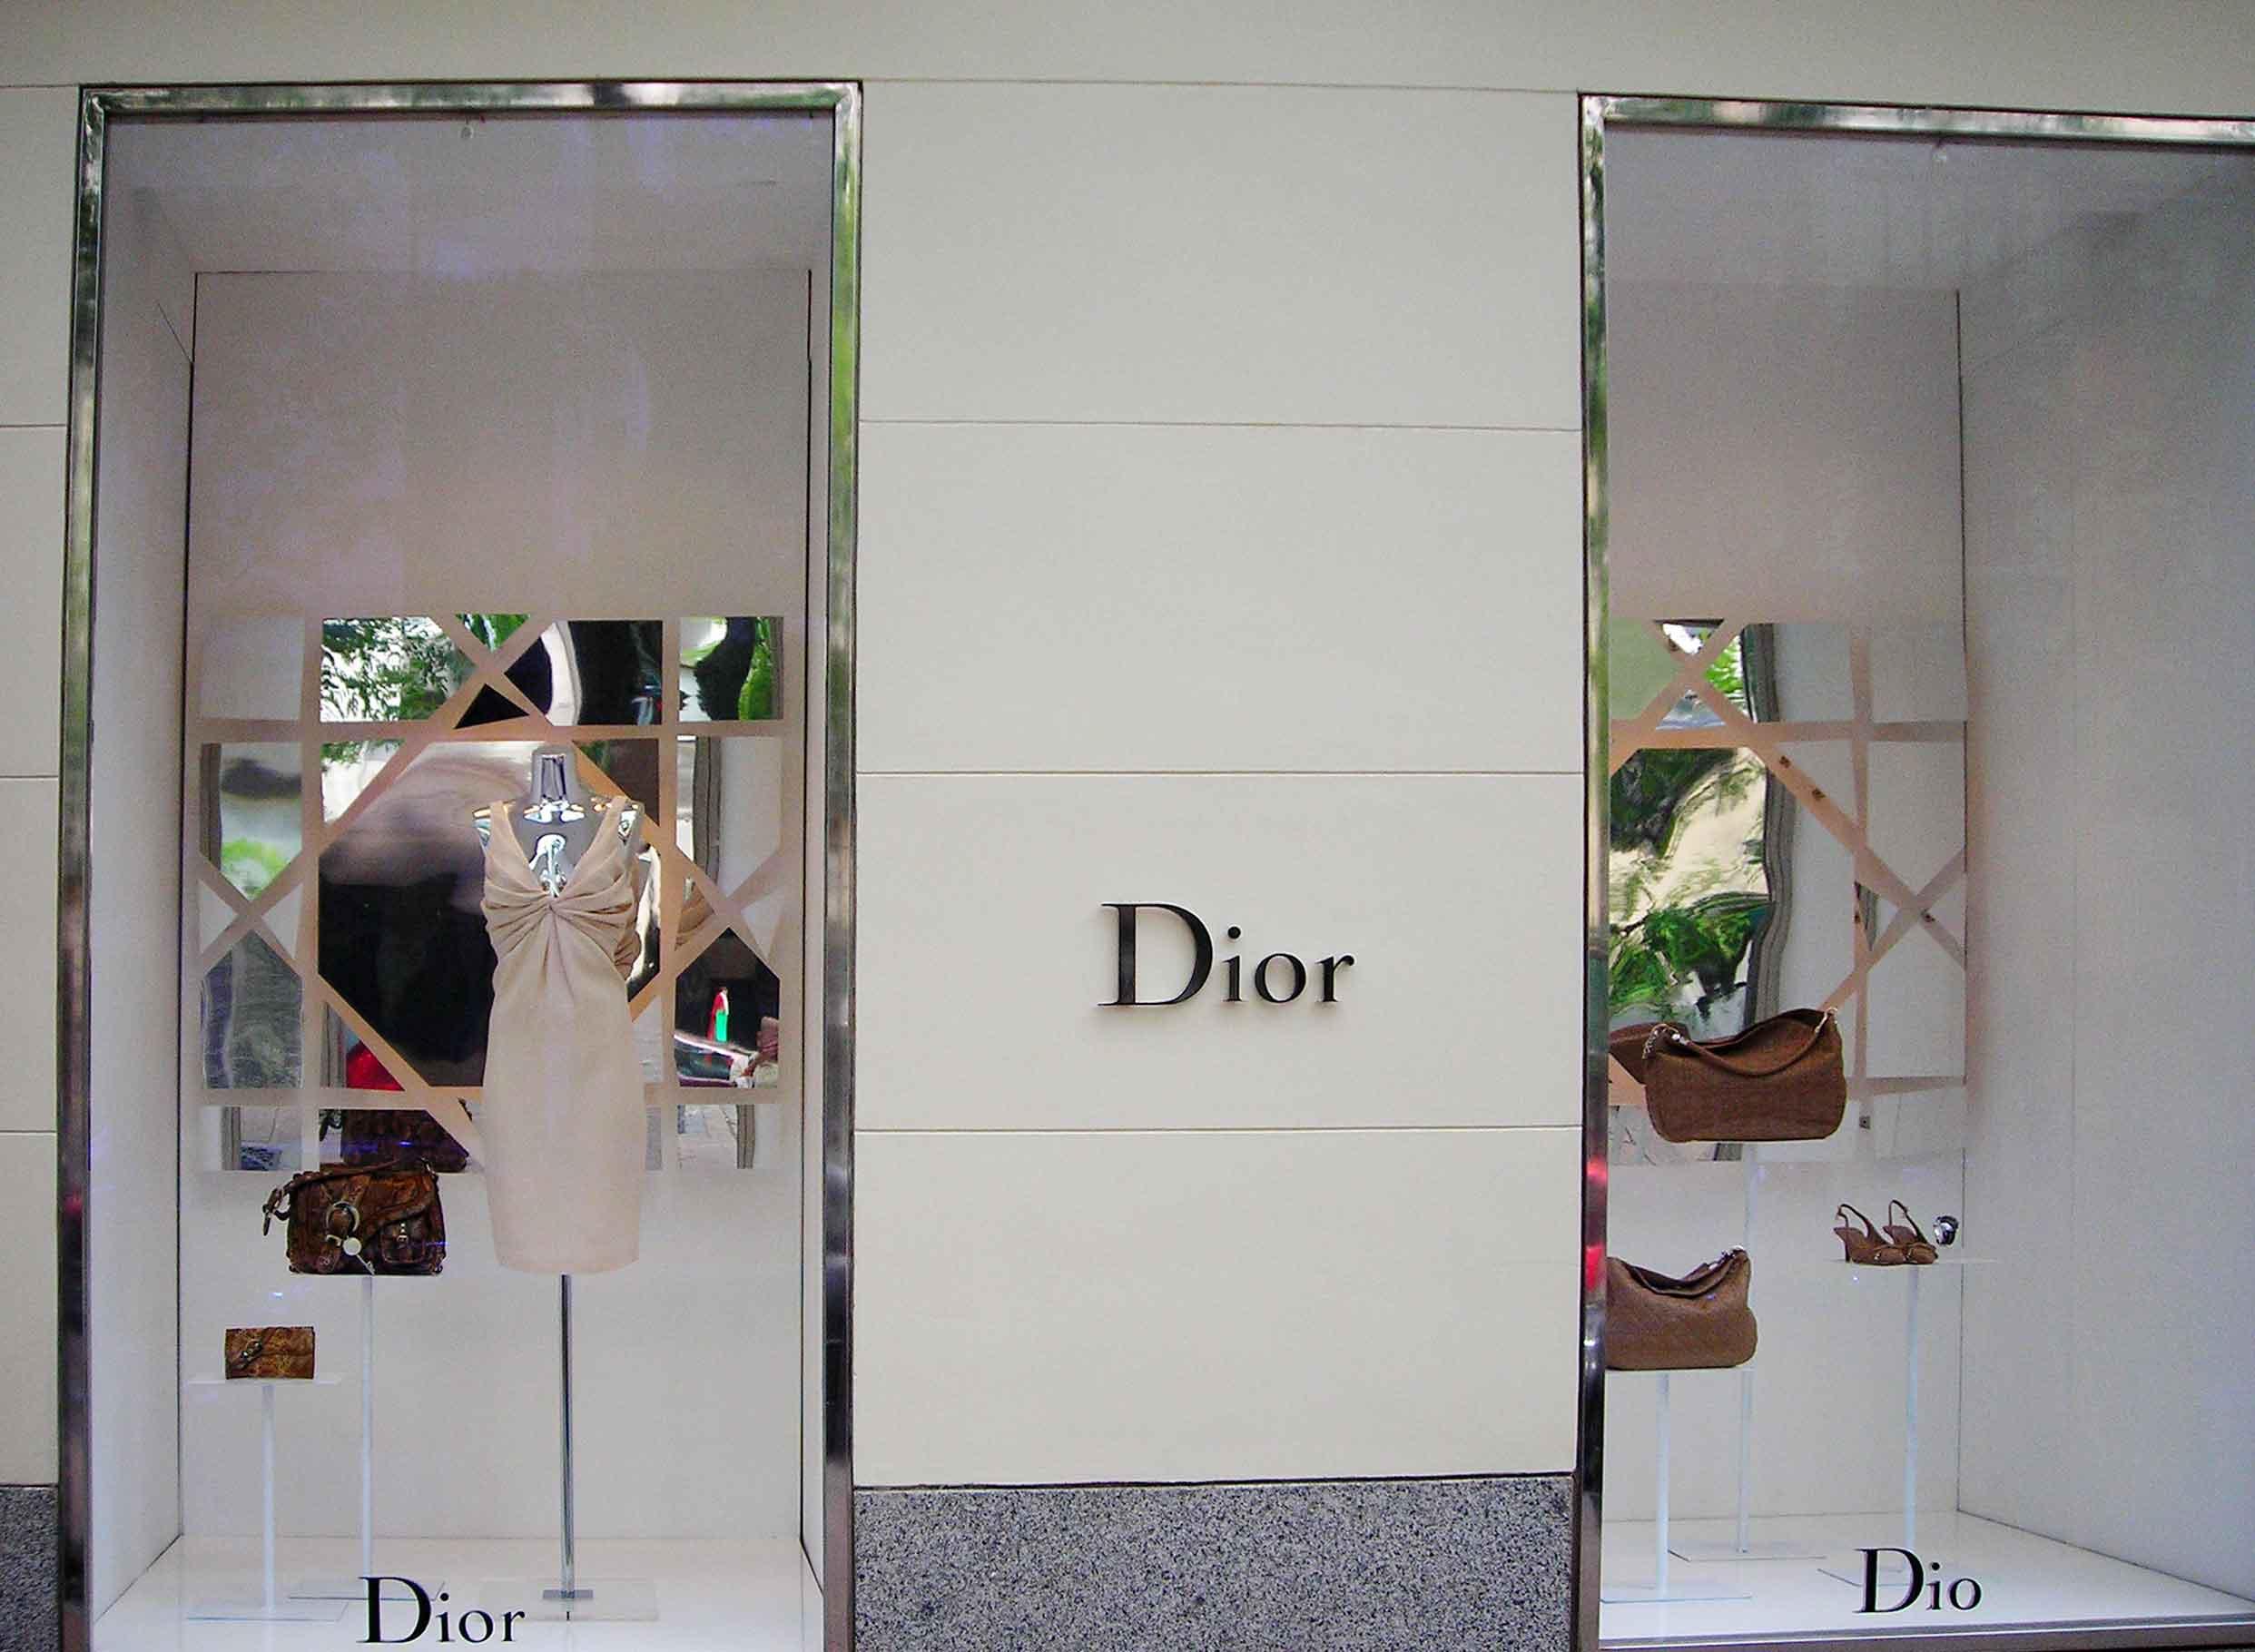 instalacion-decoracion-espejos-escaparates-Dior